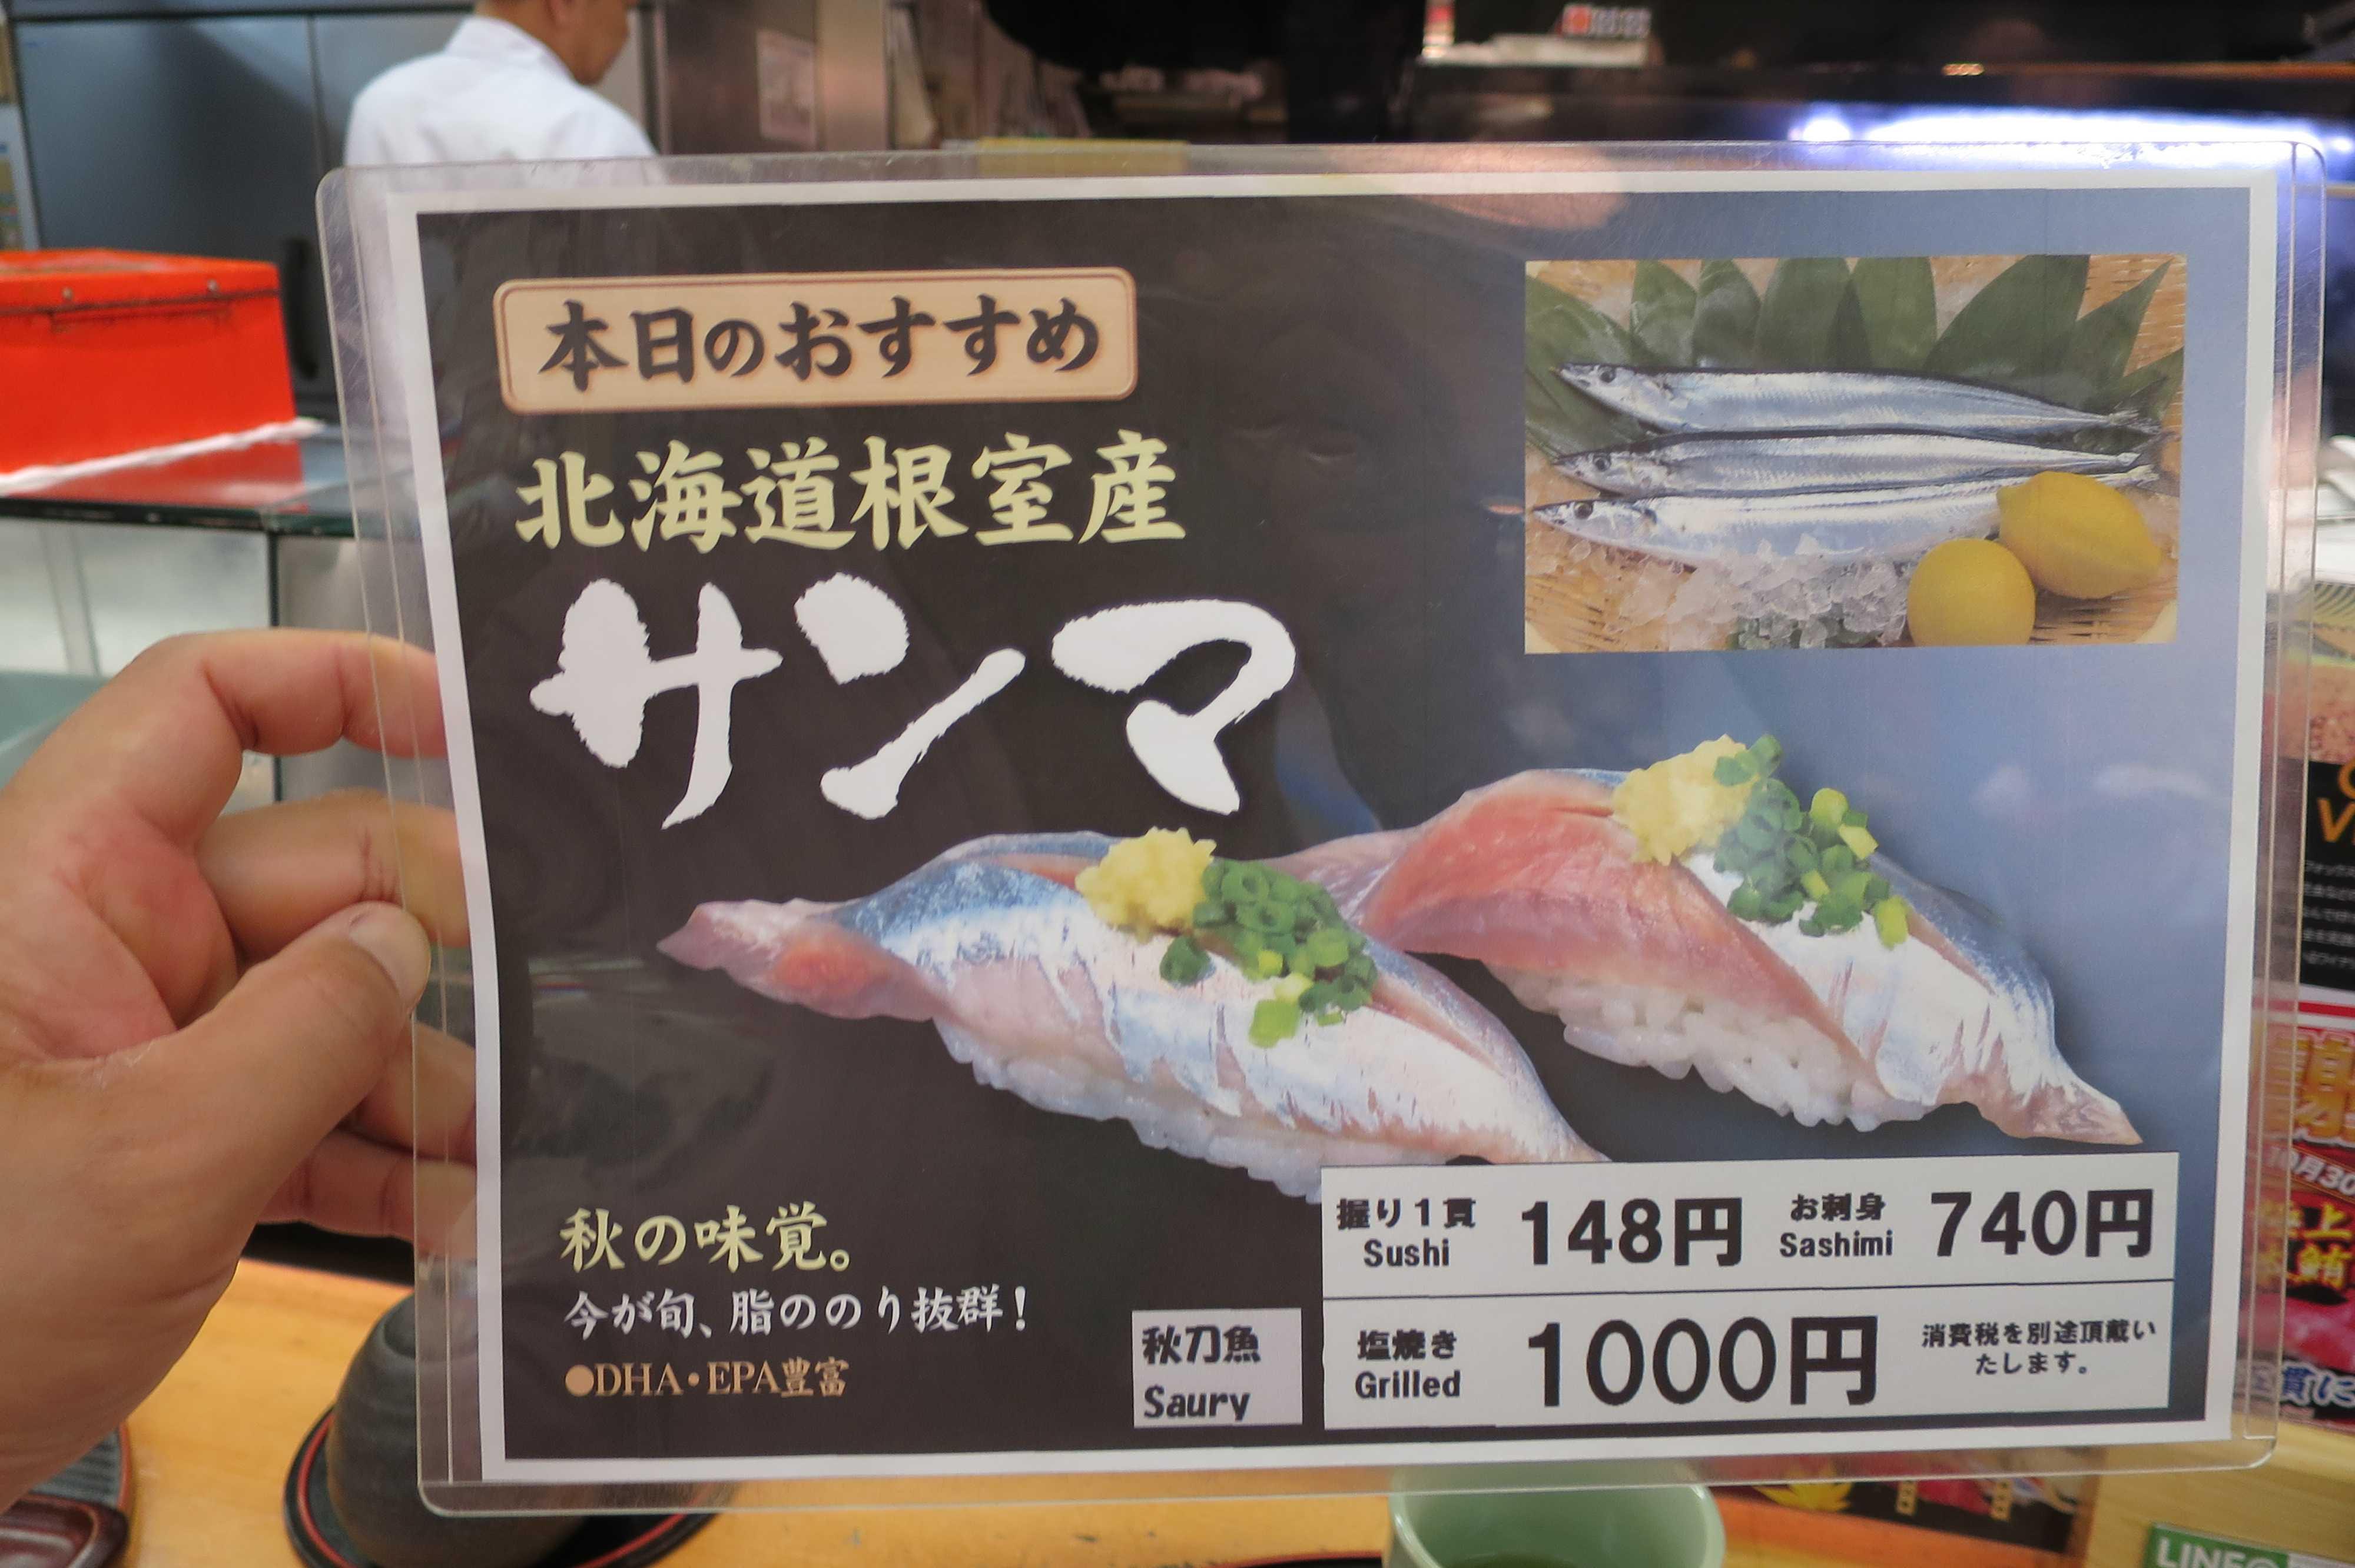 築地場外市場 - すしざんまいの北海道根室産 サンマ